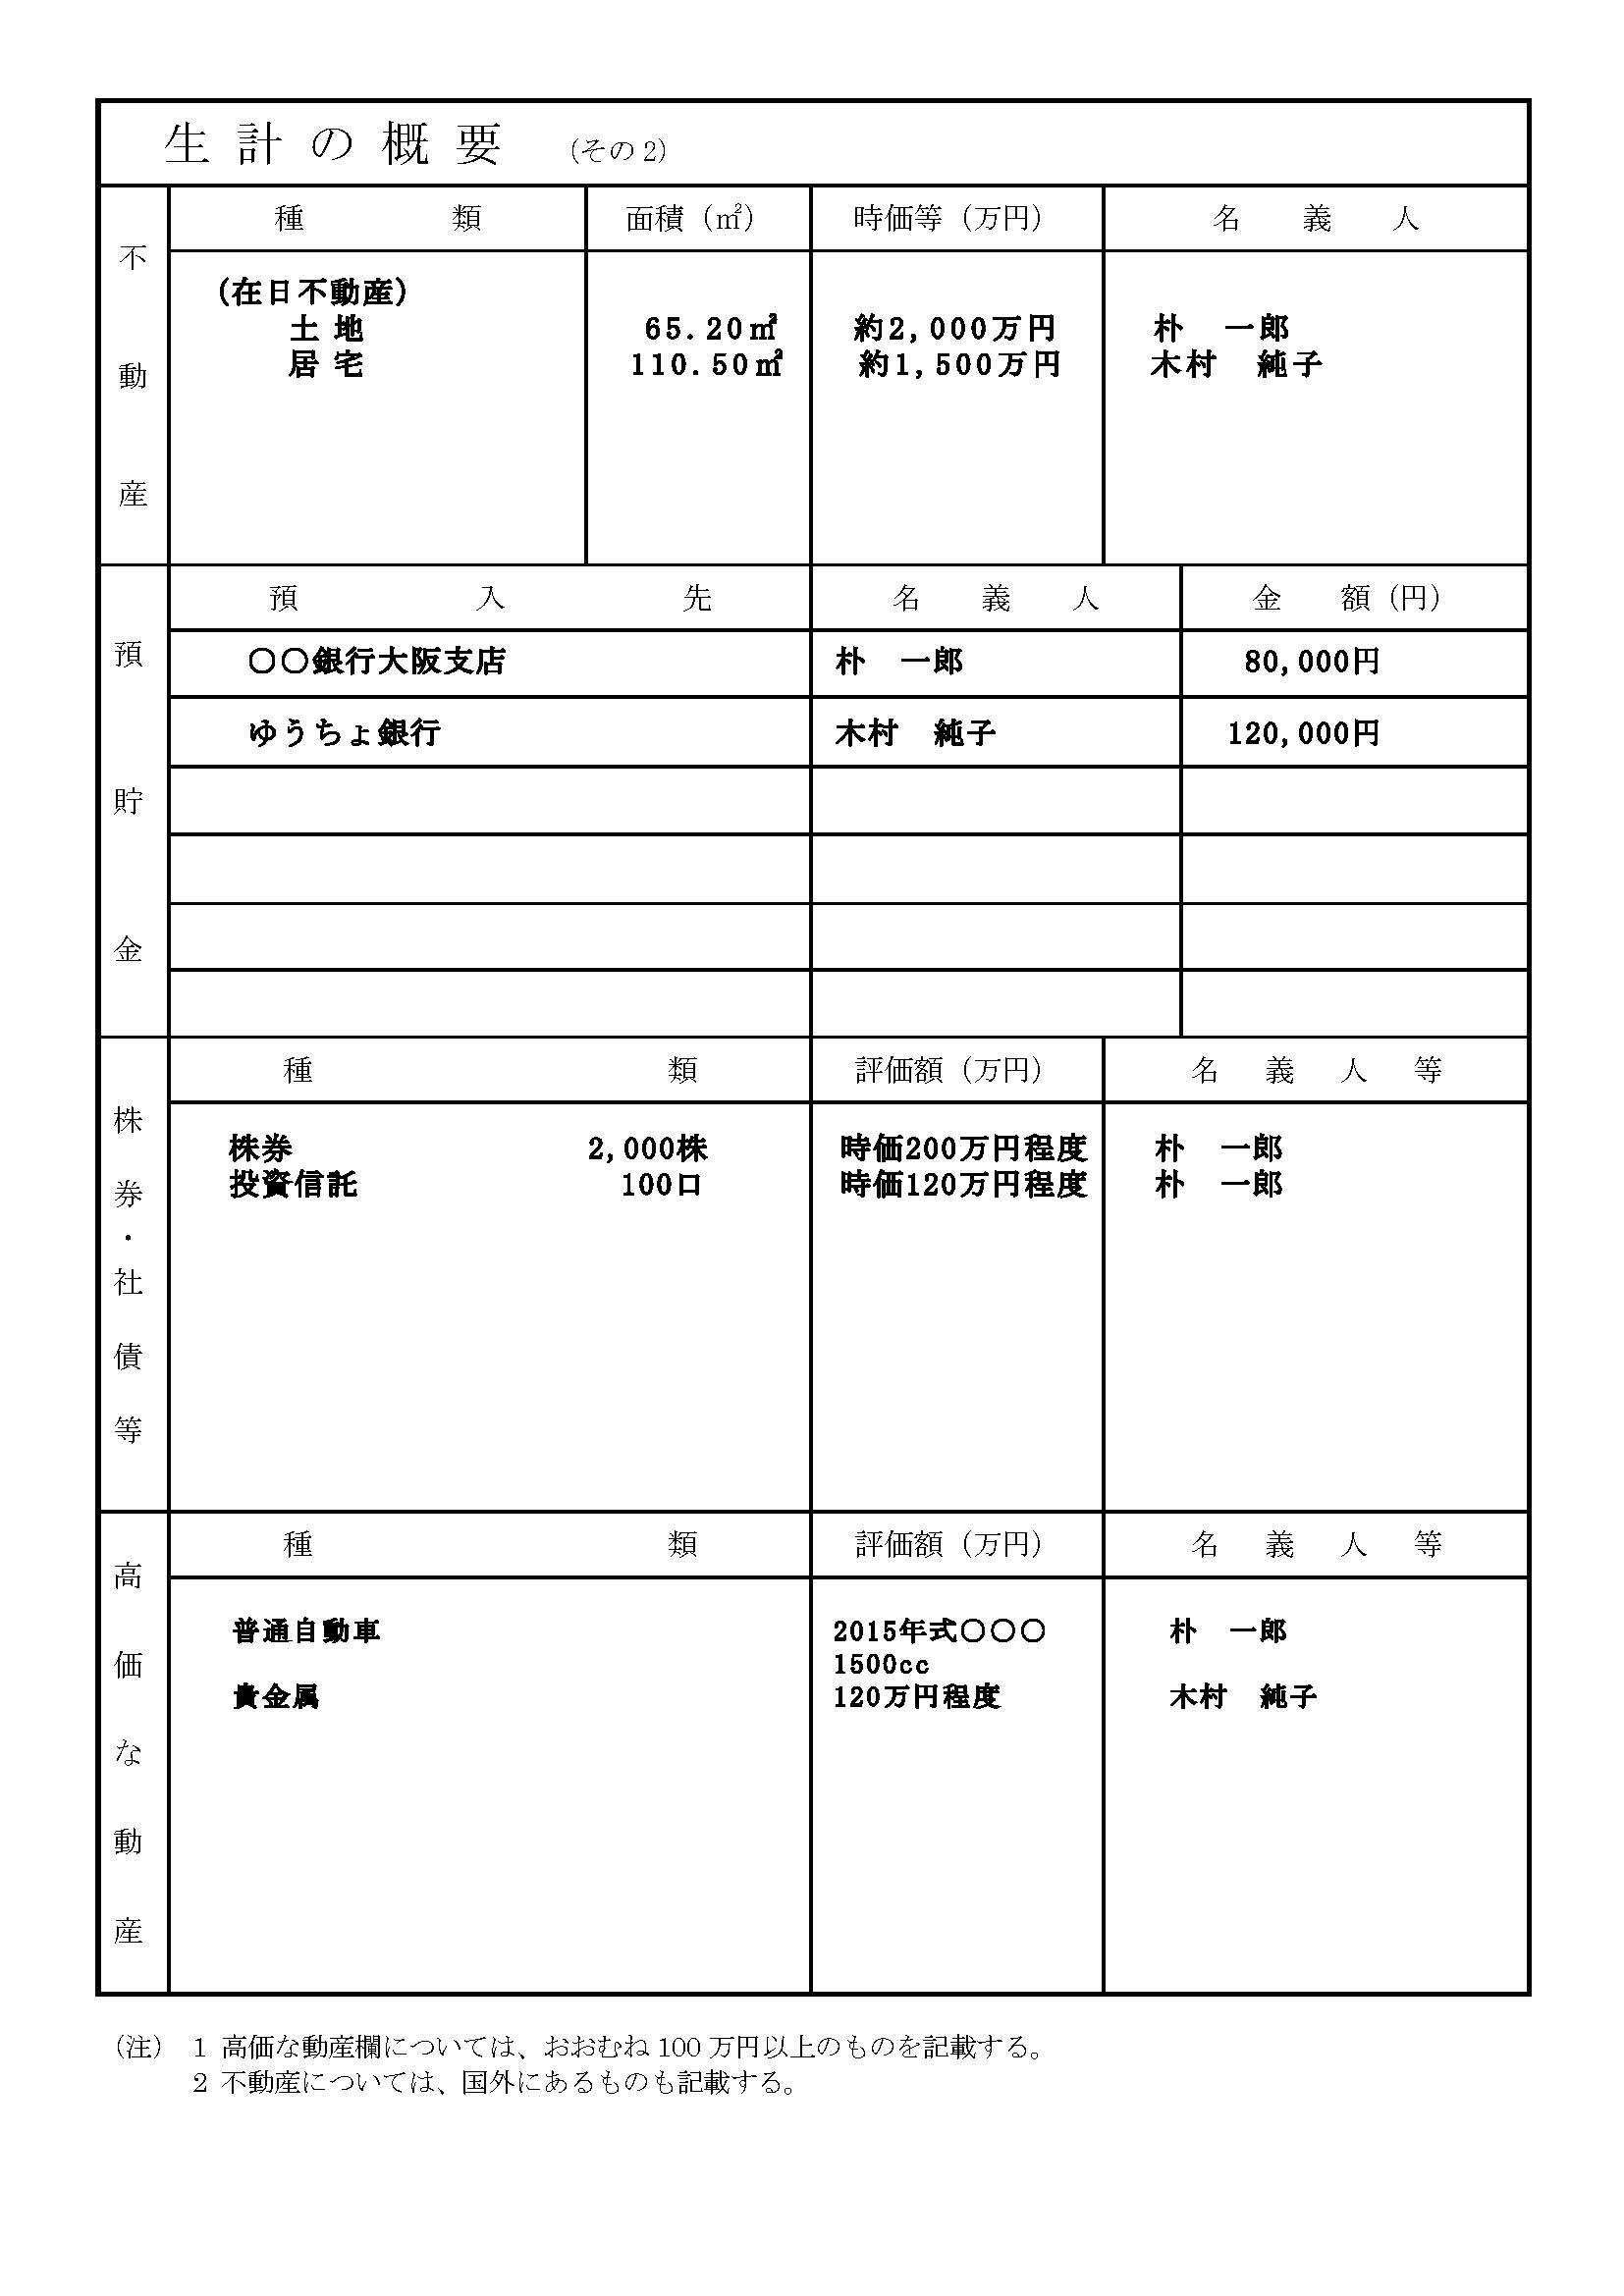 帰化申請書類「生計の概要その2」の書き方